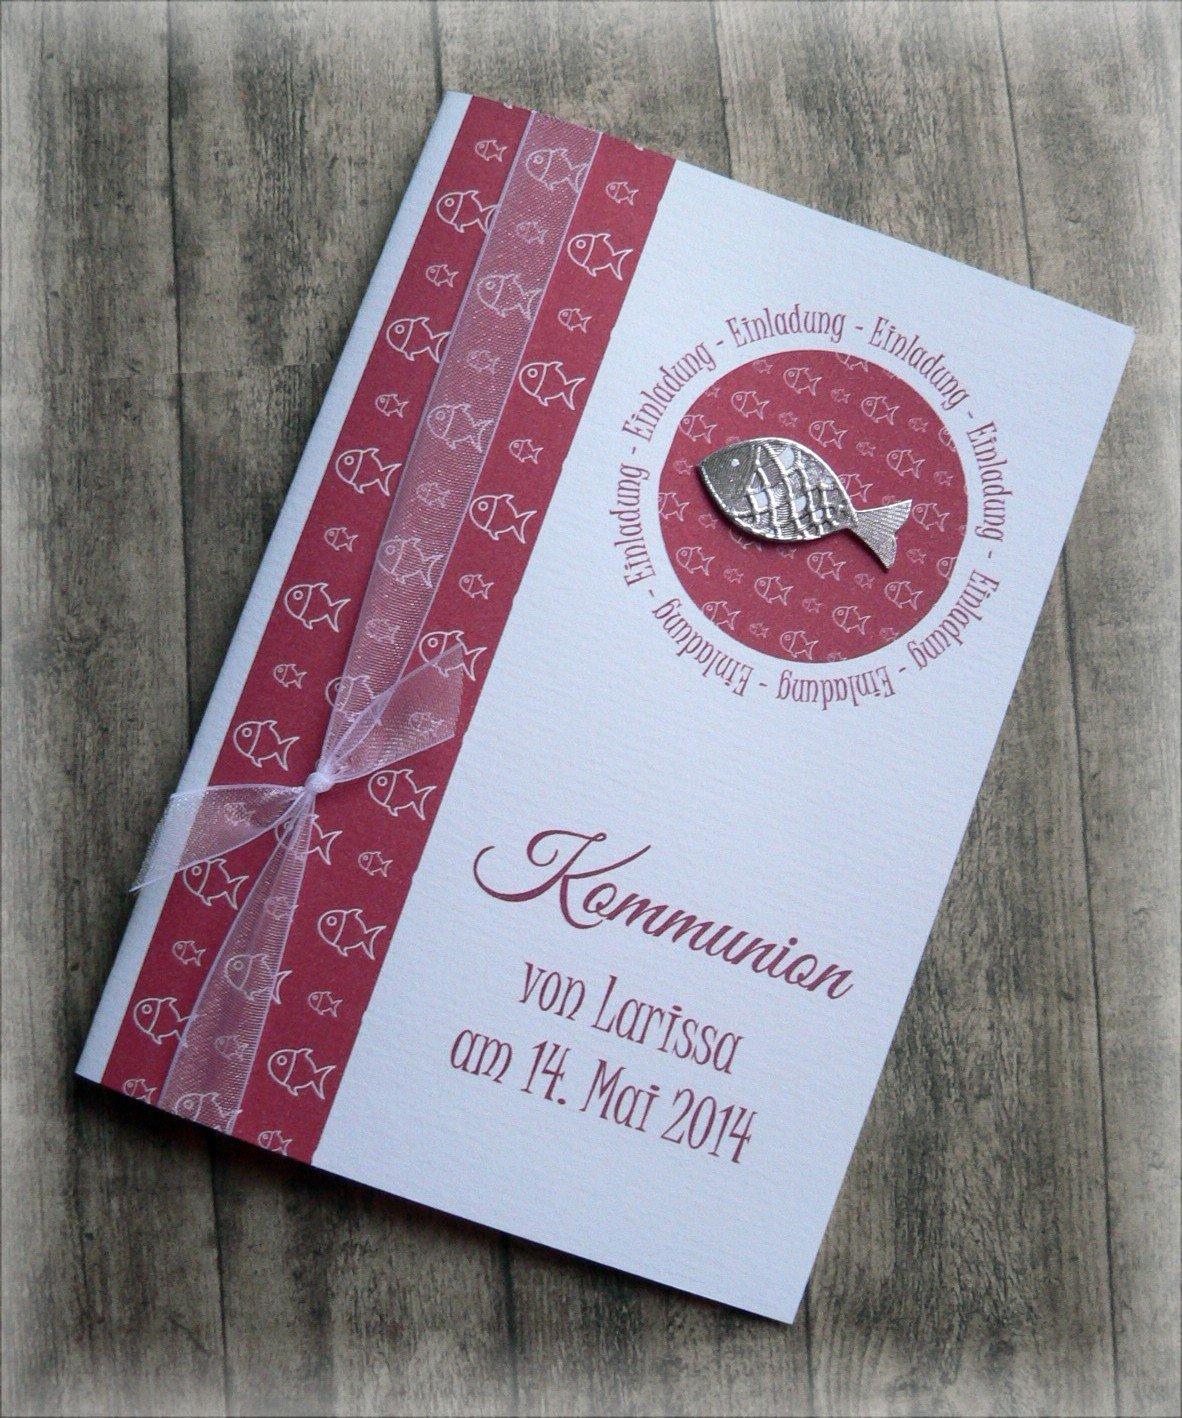 Einladung einladungskarte kommunion konfirmation taufe fisch silber dunkelrot amazon de handmade